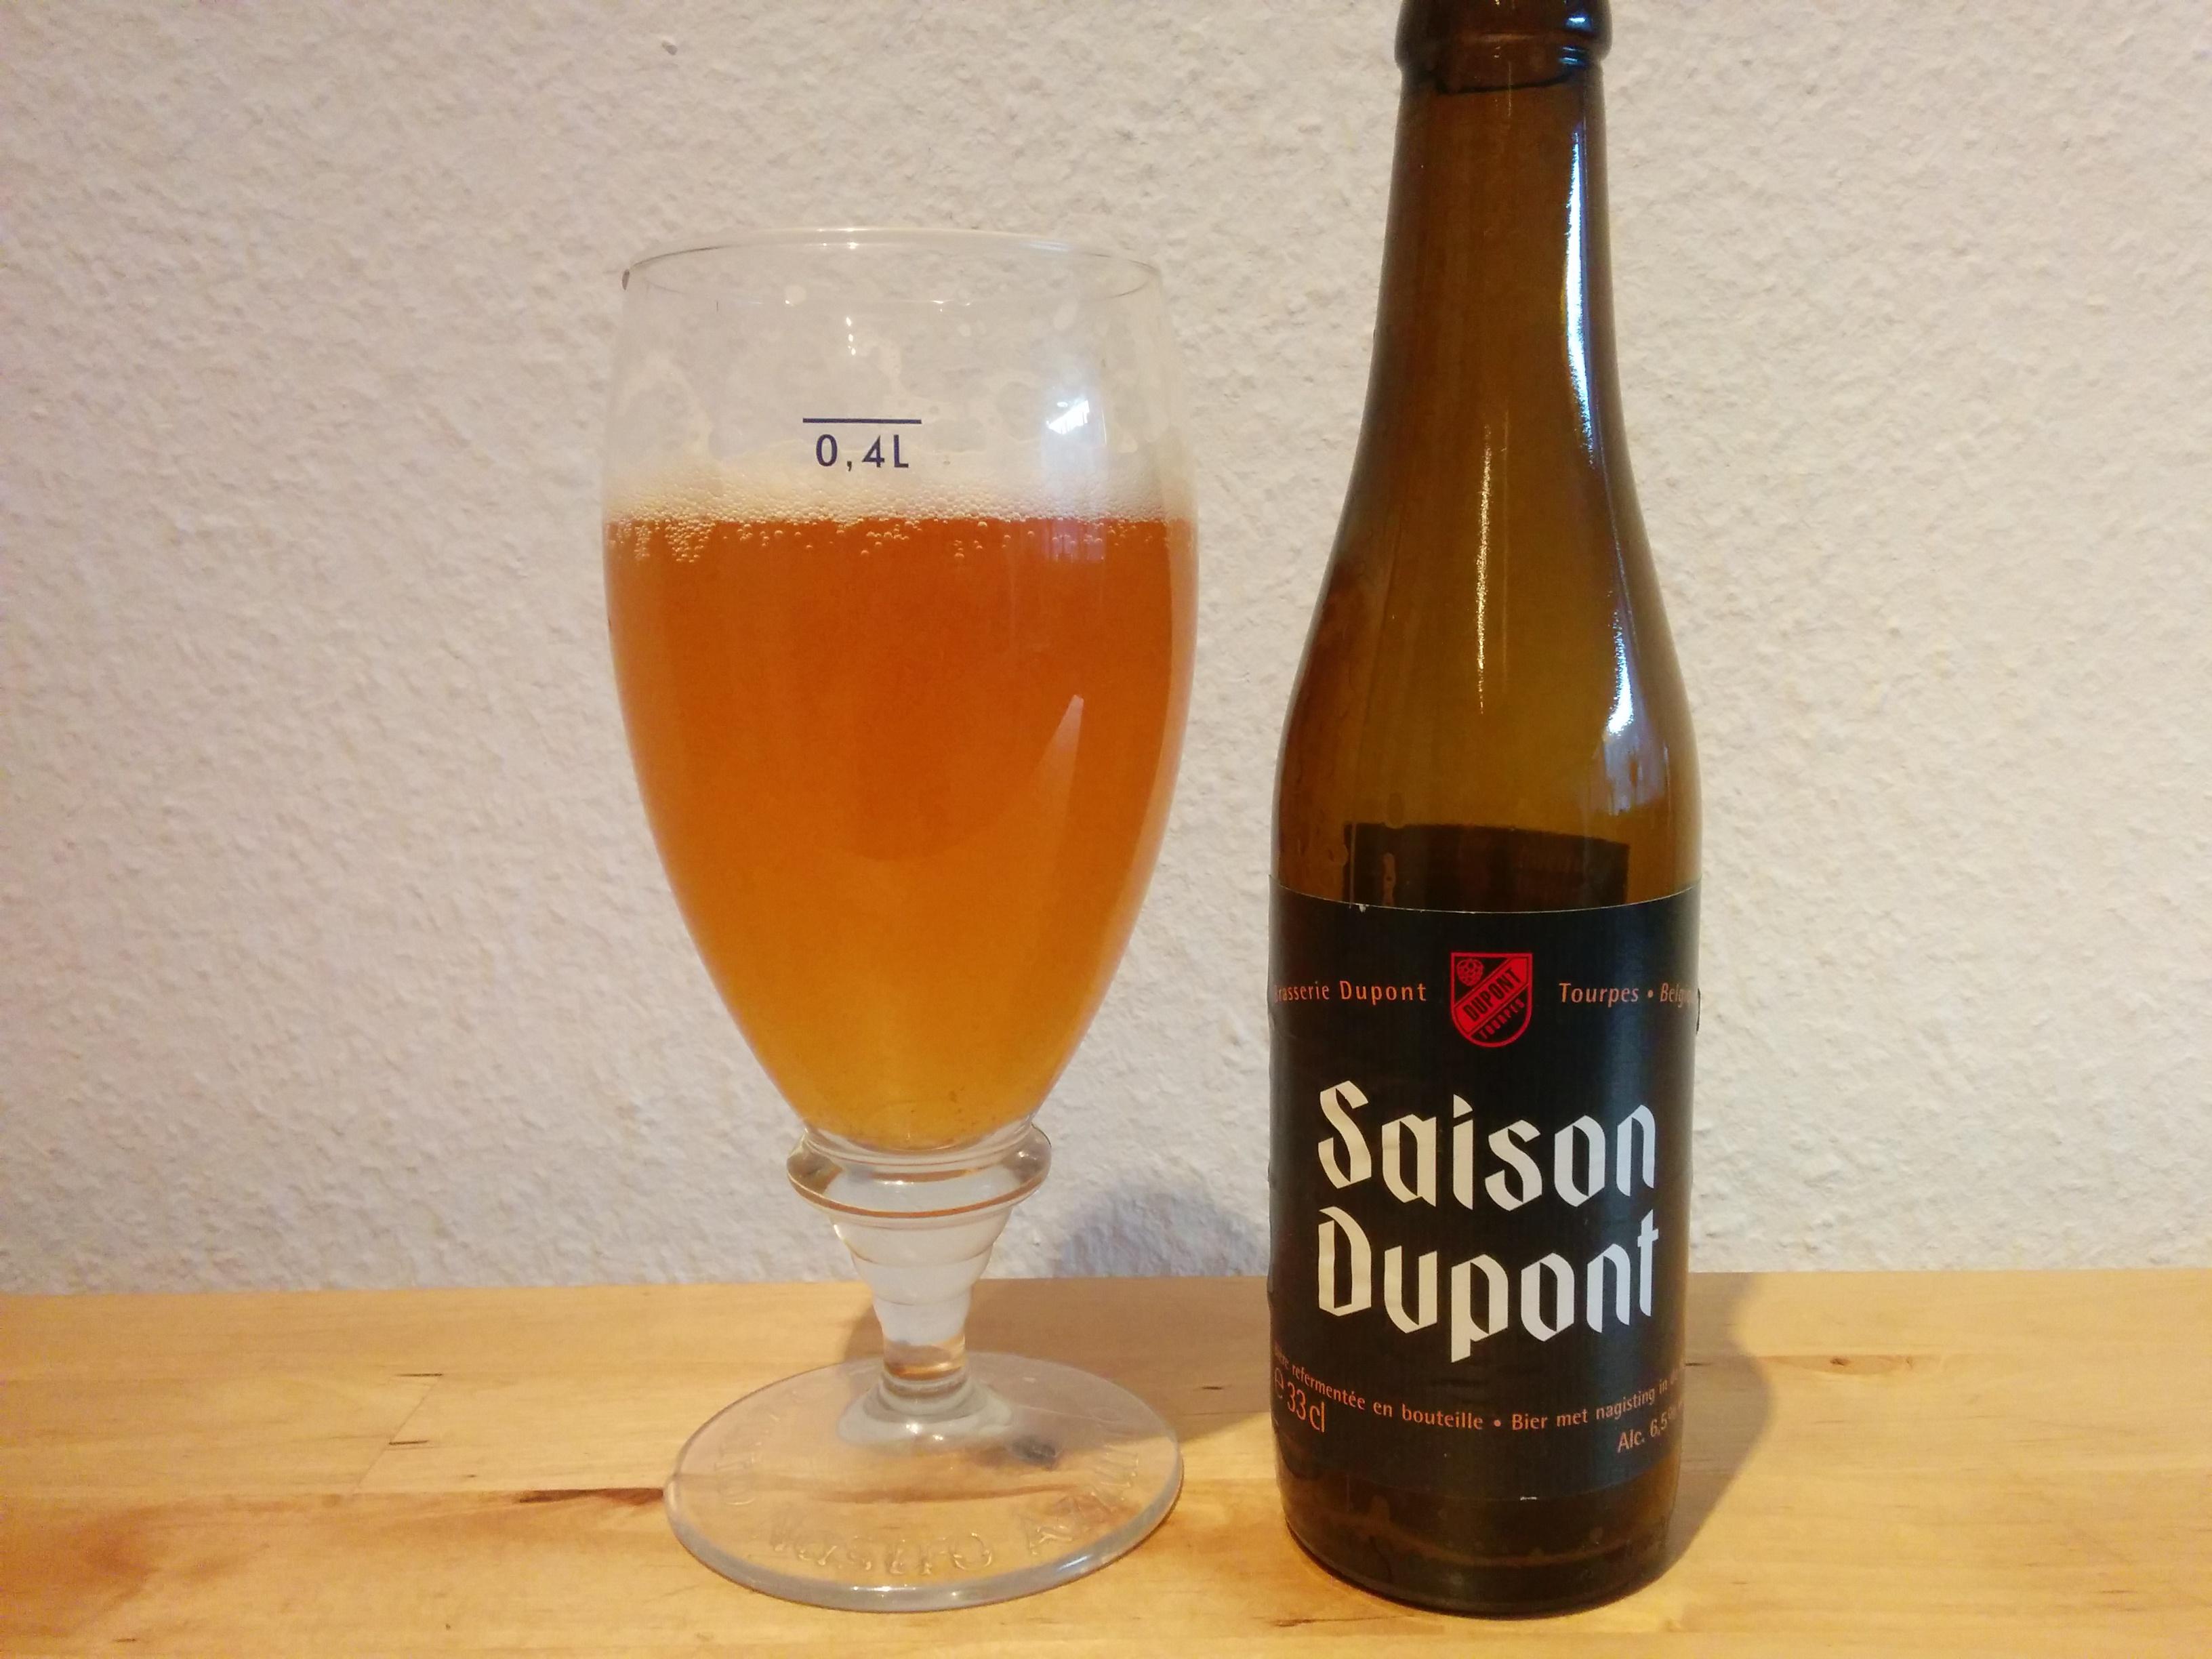 Saison Dupont - i glas og flaske